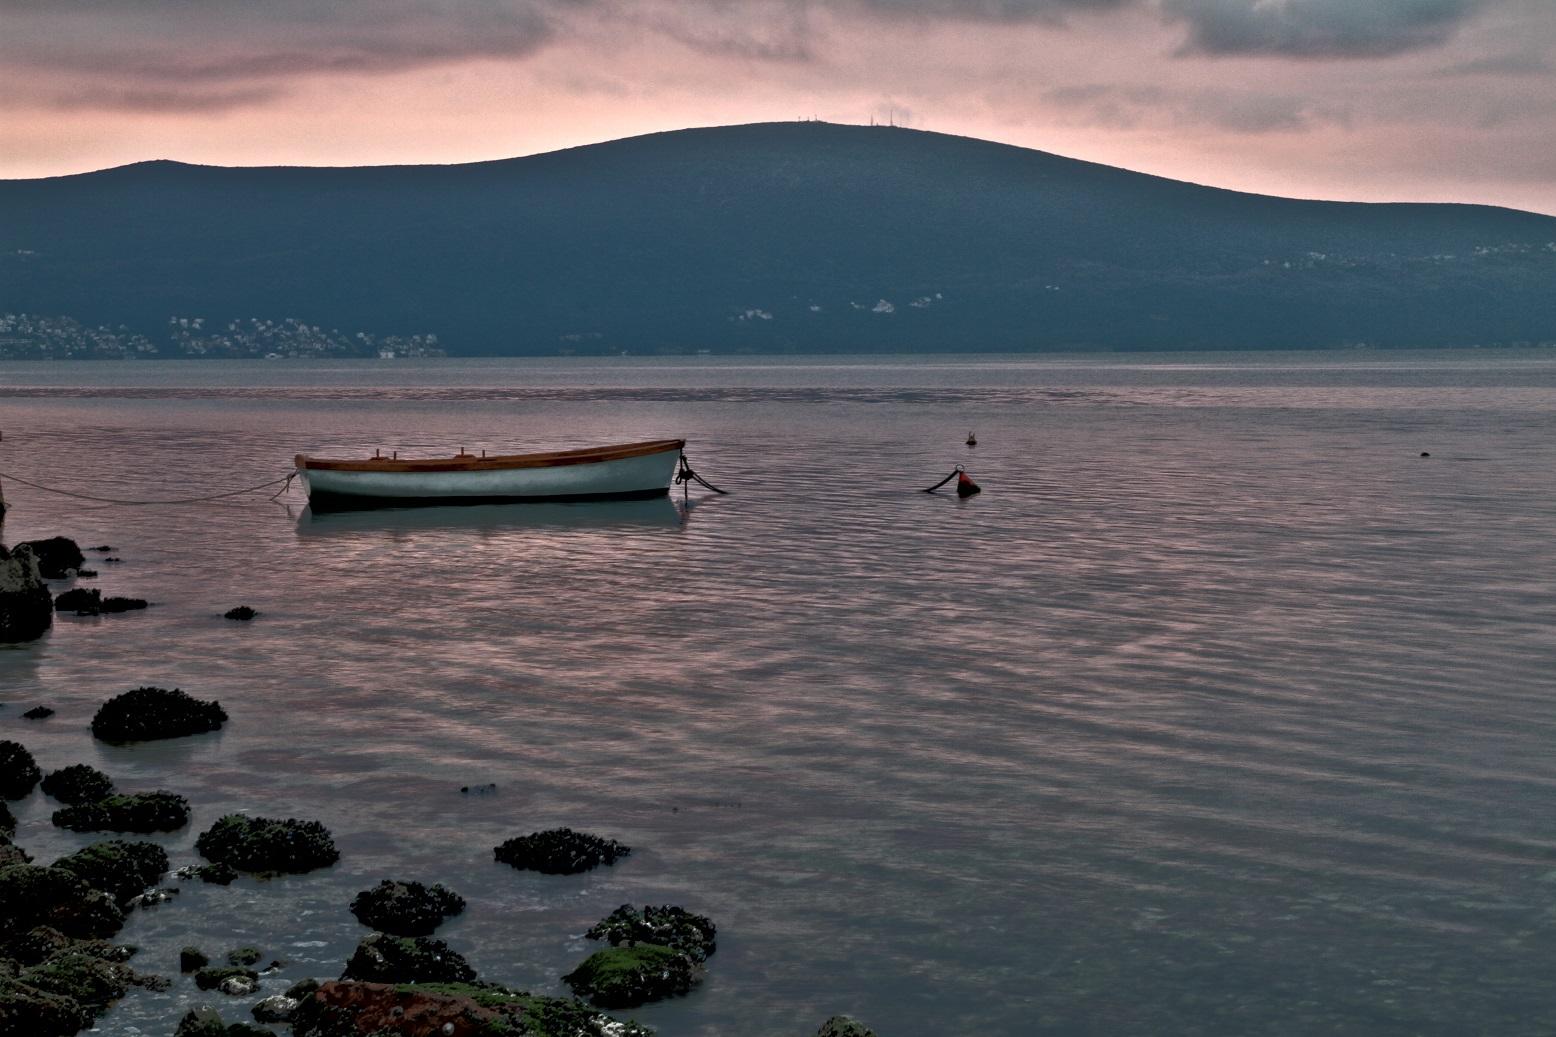 Sunset near Kotor